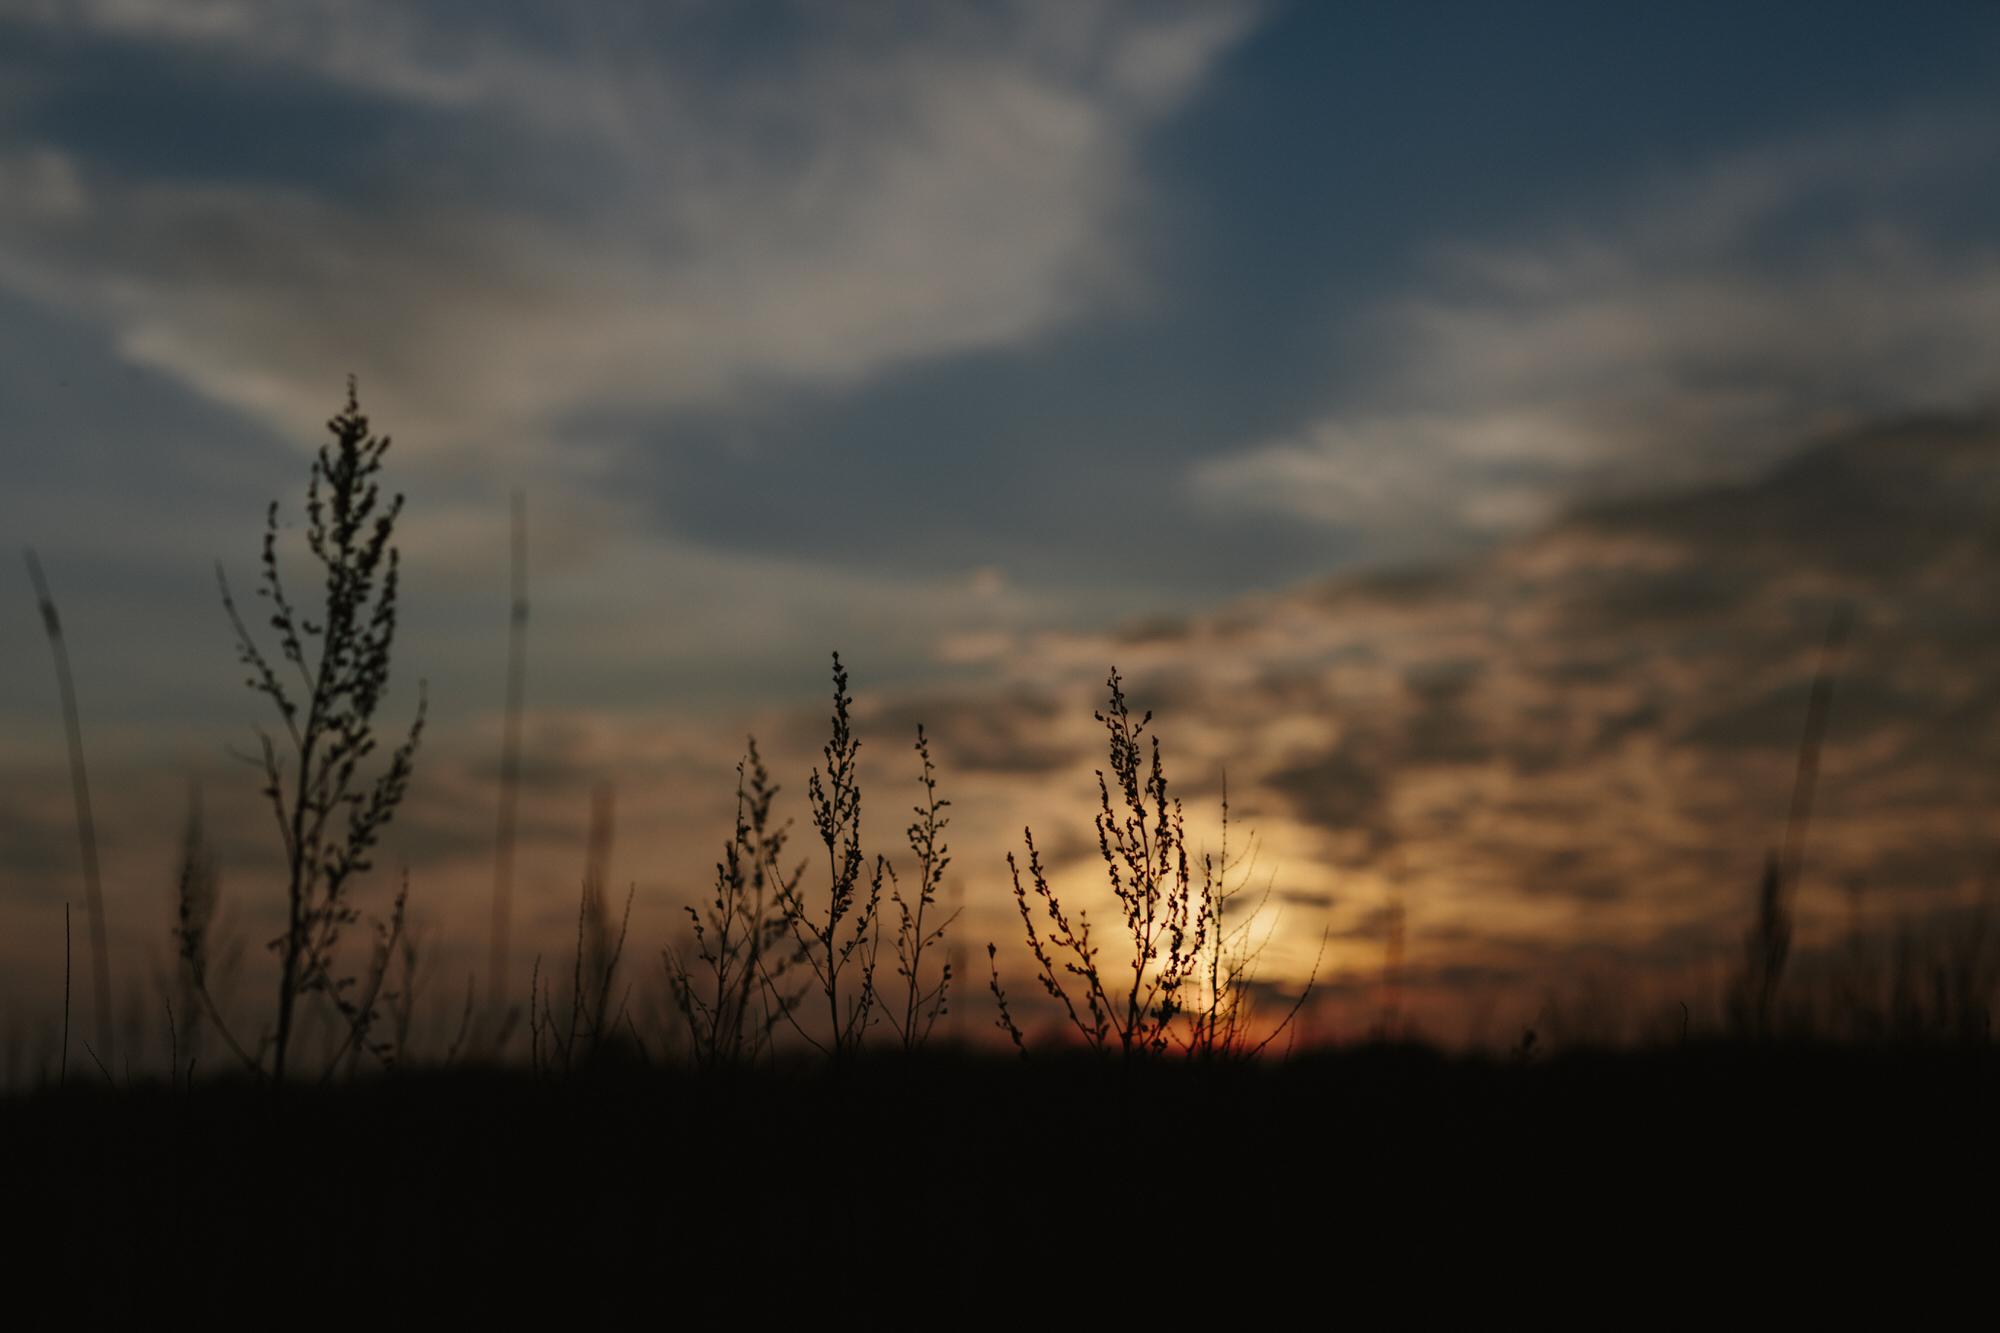 sunset-denmark-jim-lingvild-castle-grounds.jpg